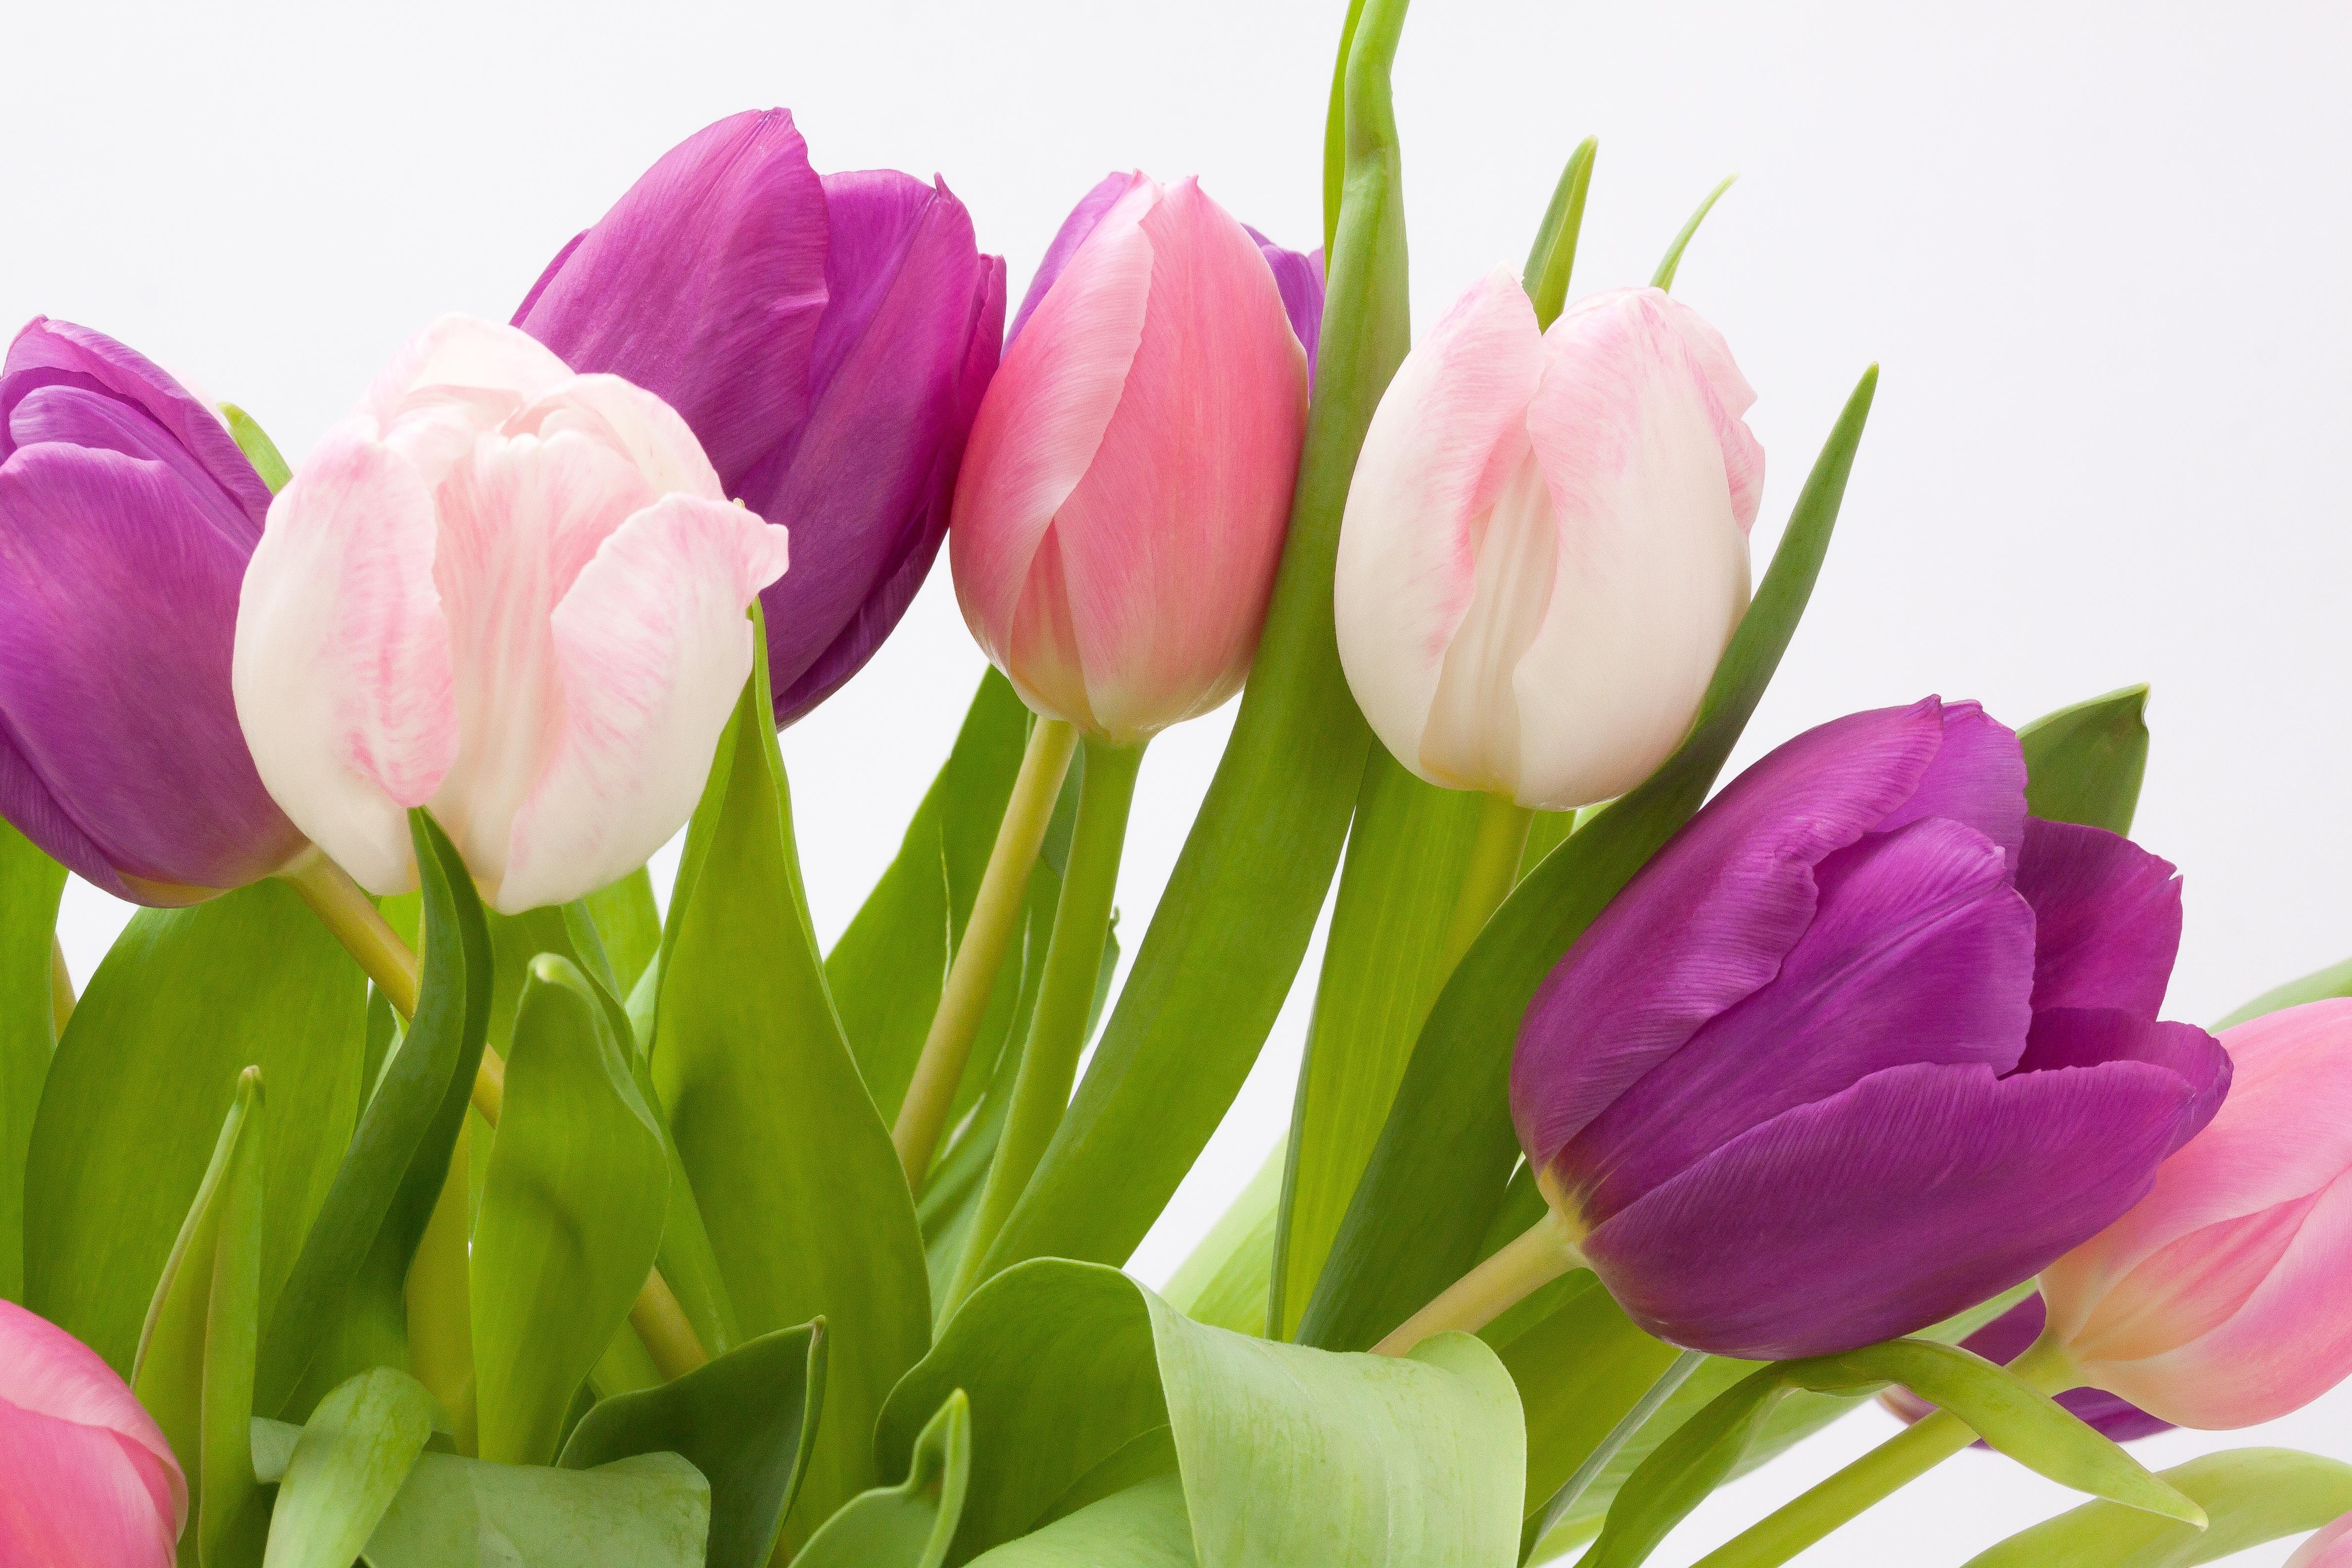 Blossom Plant Leaf Flower Petal Bloom Tulip Bouquet Green Red Pink Violet Spring Flowering